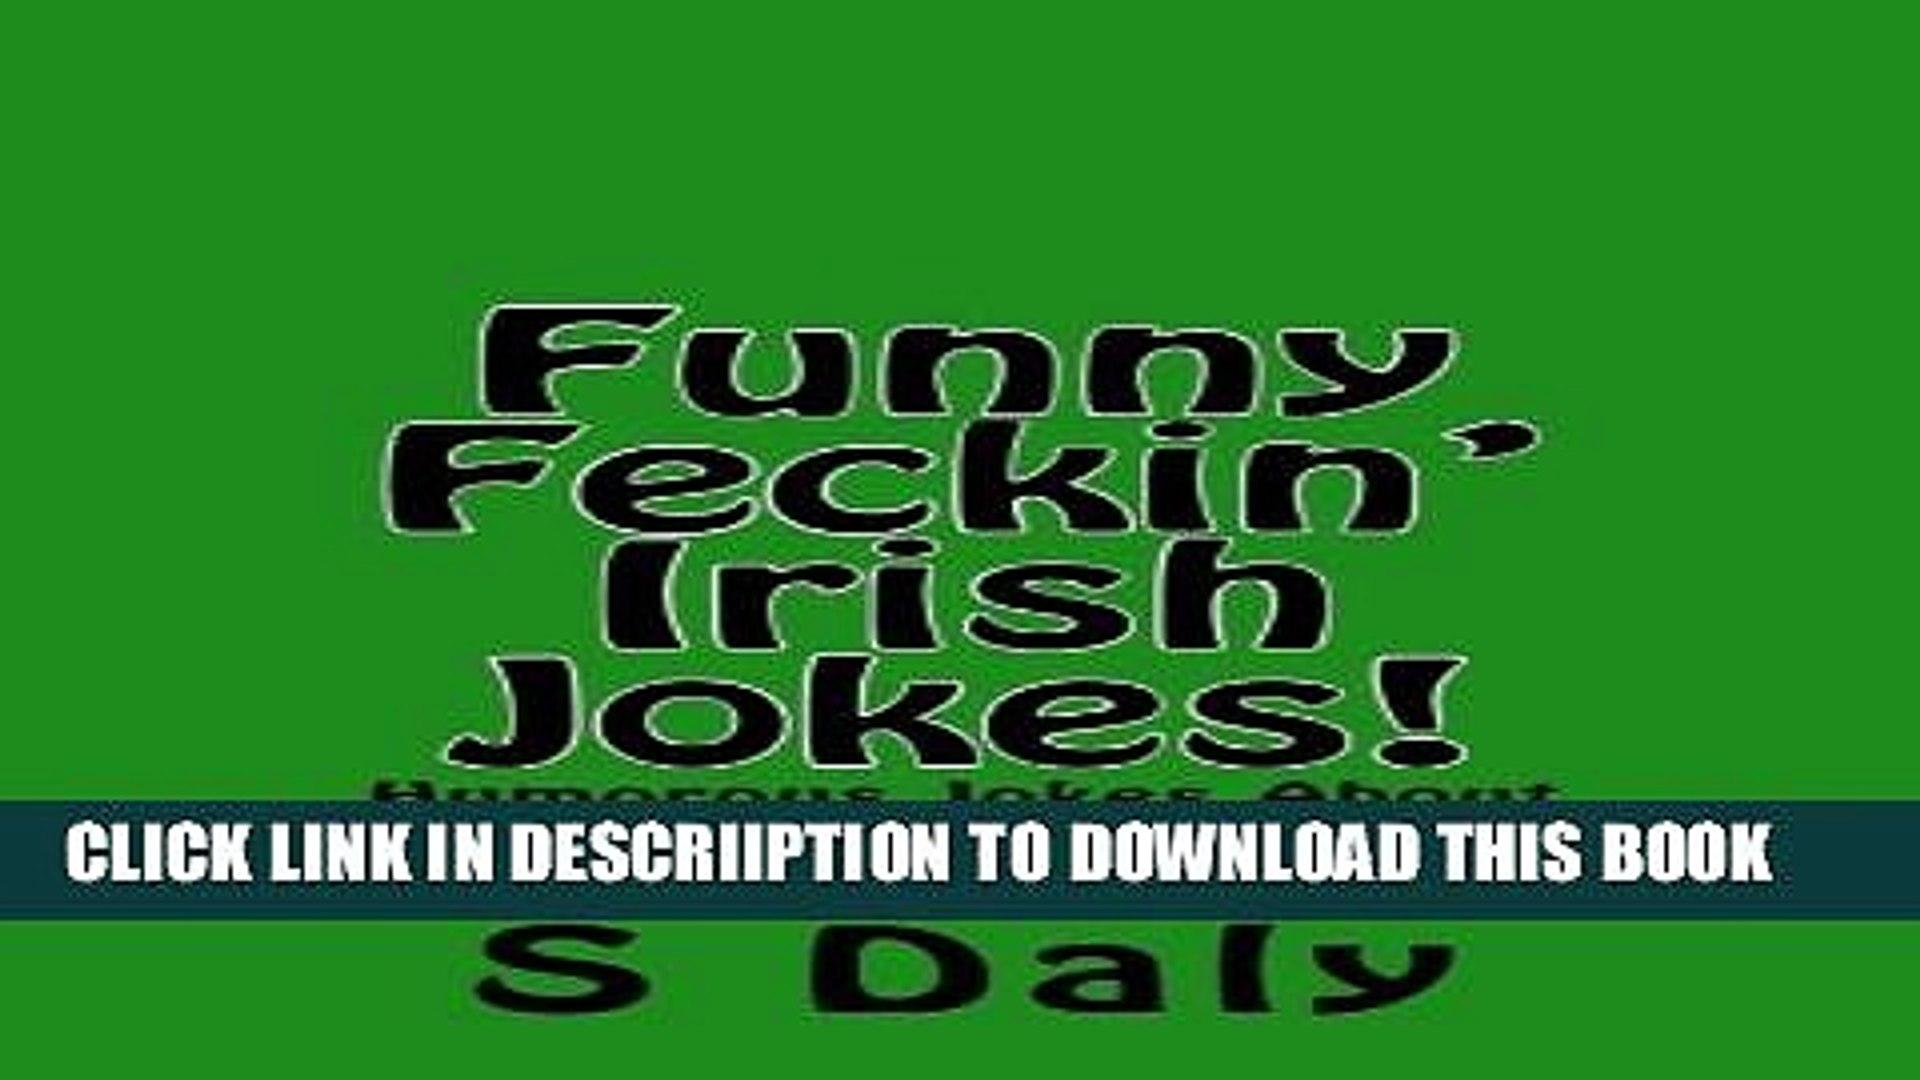 [PDF] Funny Feckin  Irish Jokes!: Humorous Jokes About Everything Irish...sure tis great craic!